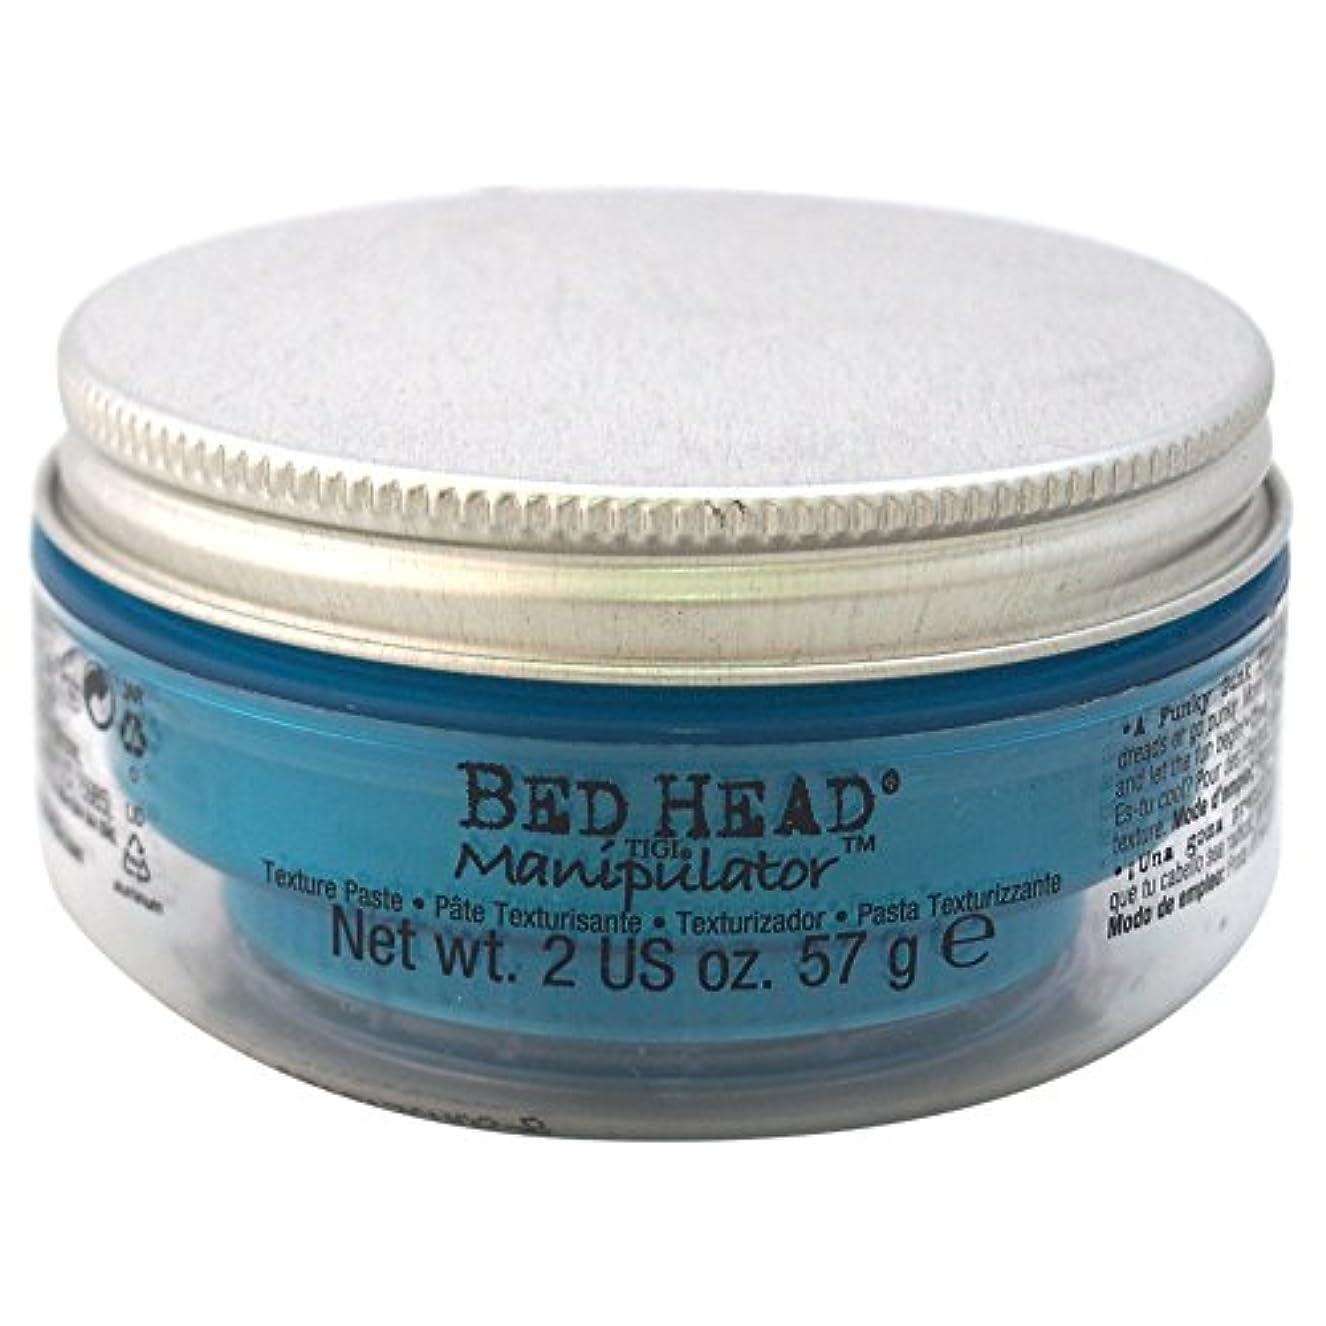 一月一貫した細分化するティジー ベッドヘッドマニピュレーター テキシチヤ ペースト Tigi Bed Head Manipulator Texture Paste 57 ml [並行輸入品]